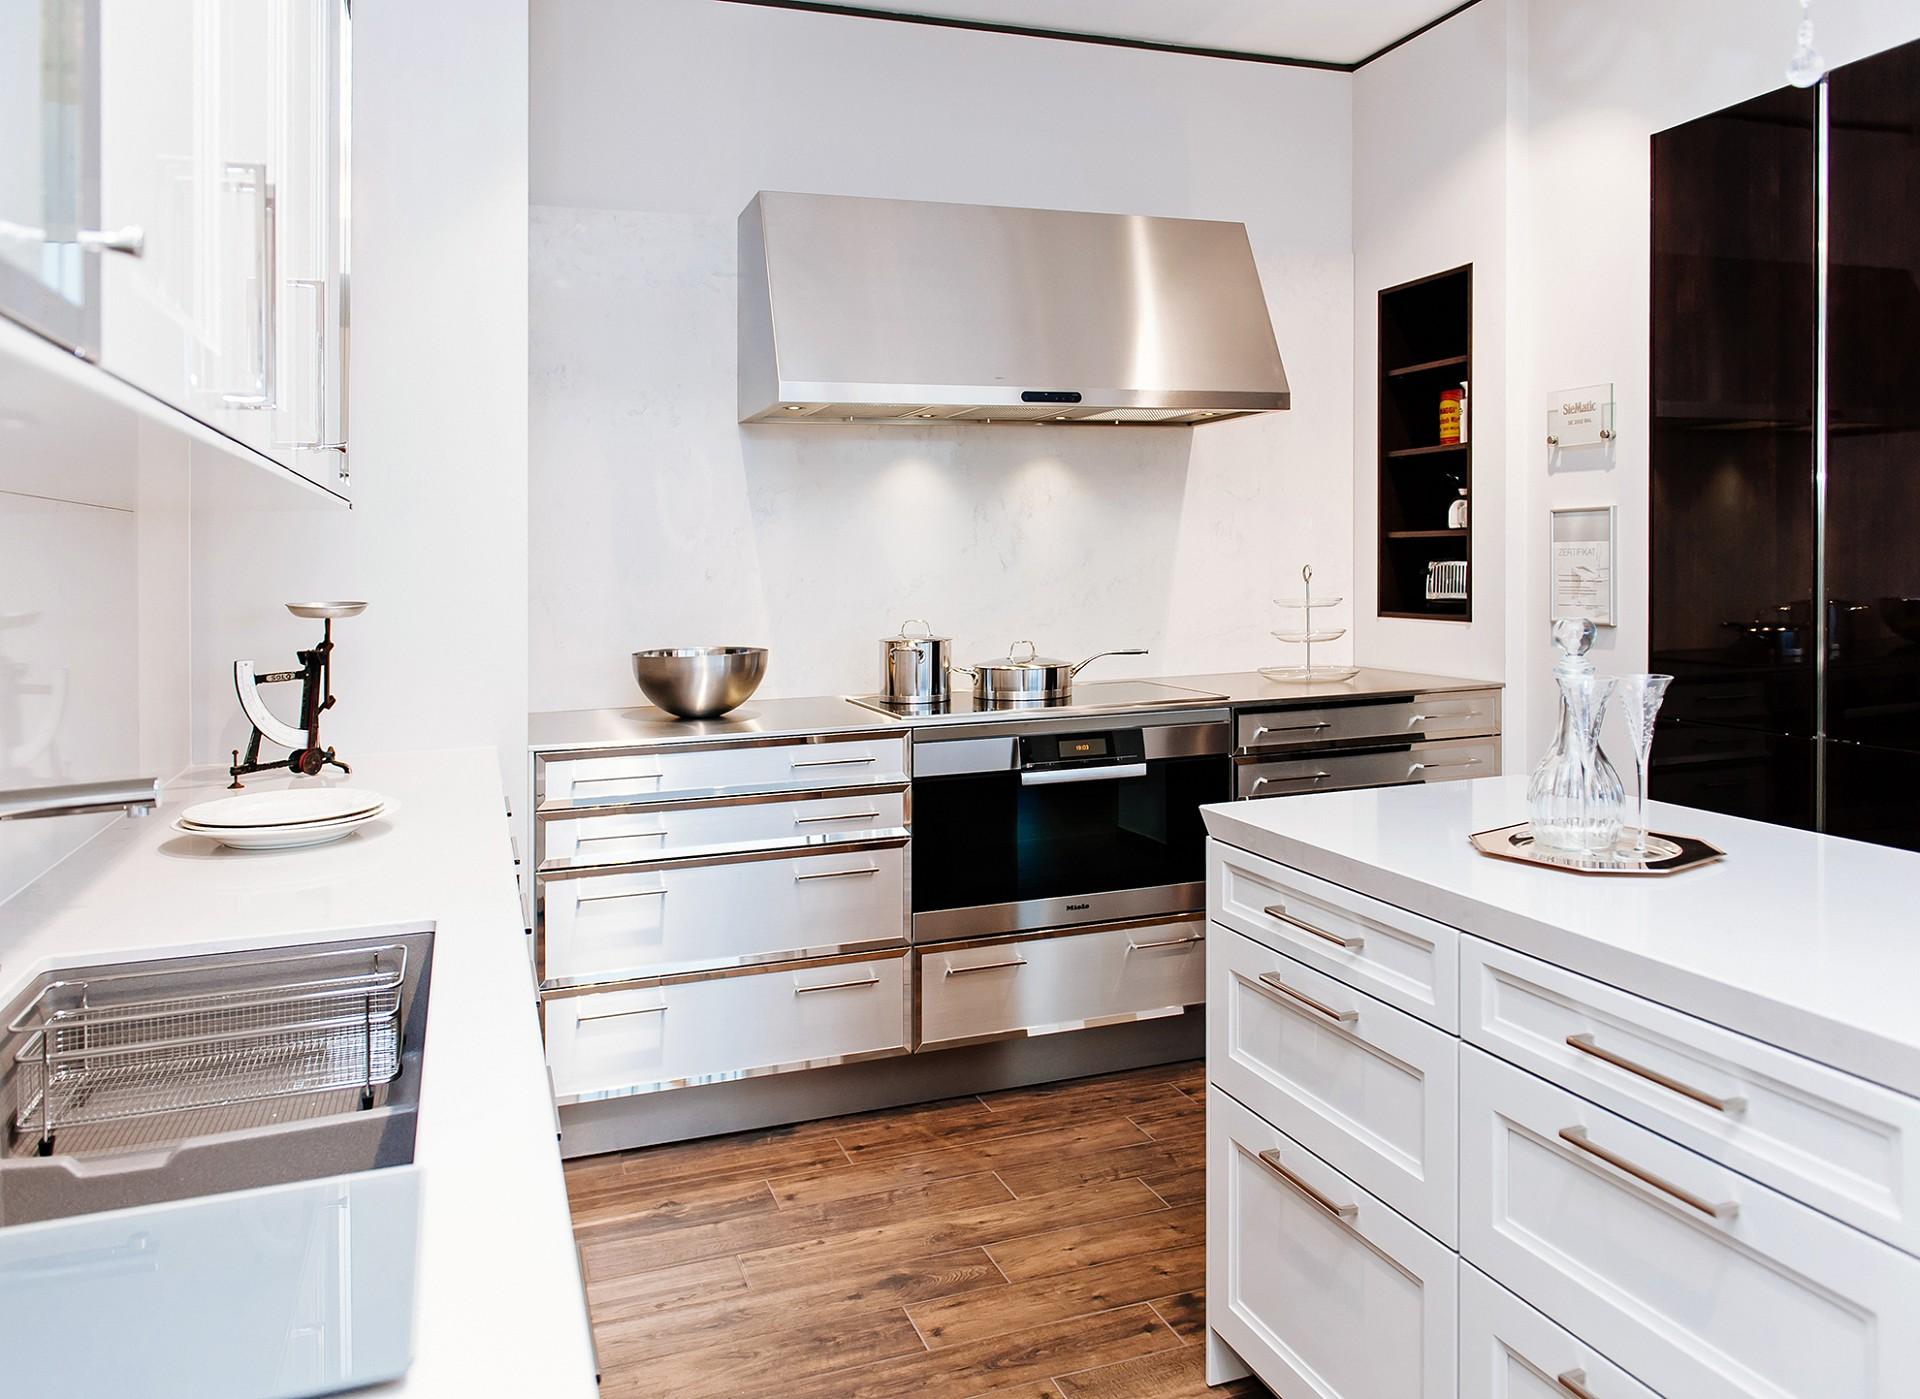 Ziemlich Beste Küche Speisekammer Lagerbehälter Galerie - Ideen Für ...